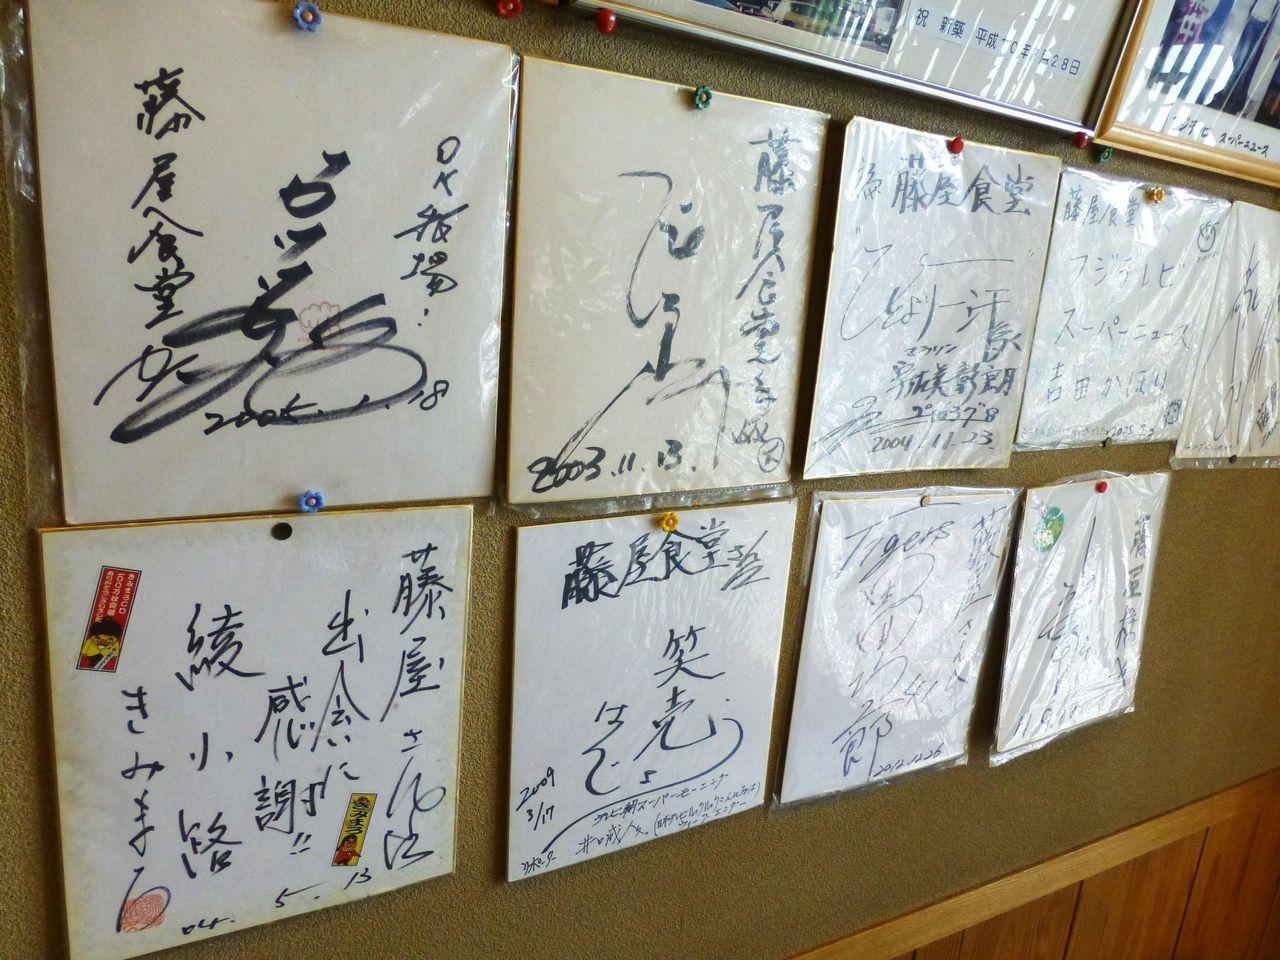 芸能人のサイン色紙や写真が飾られています!